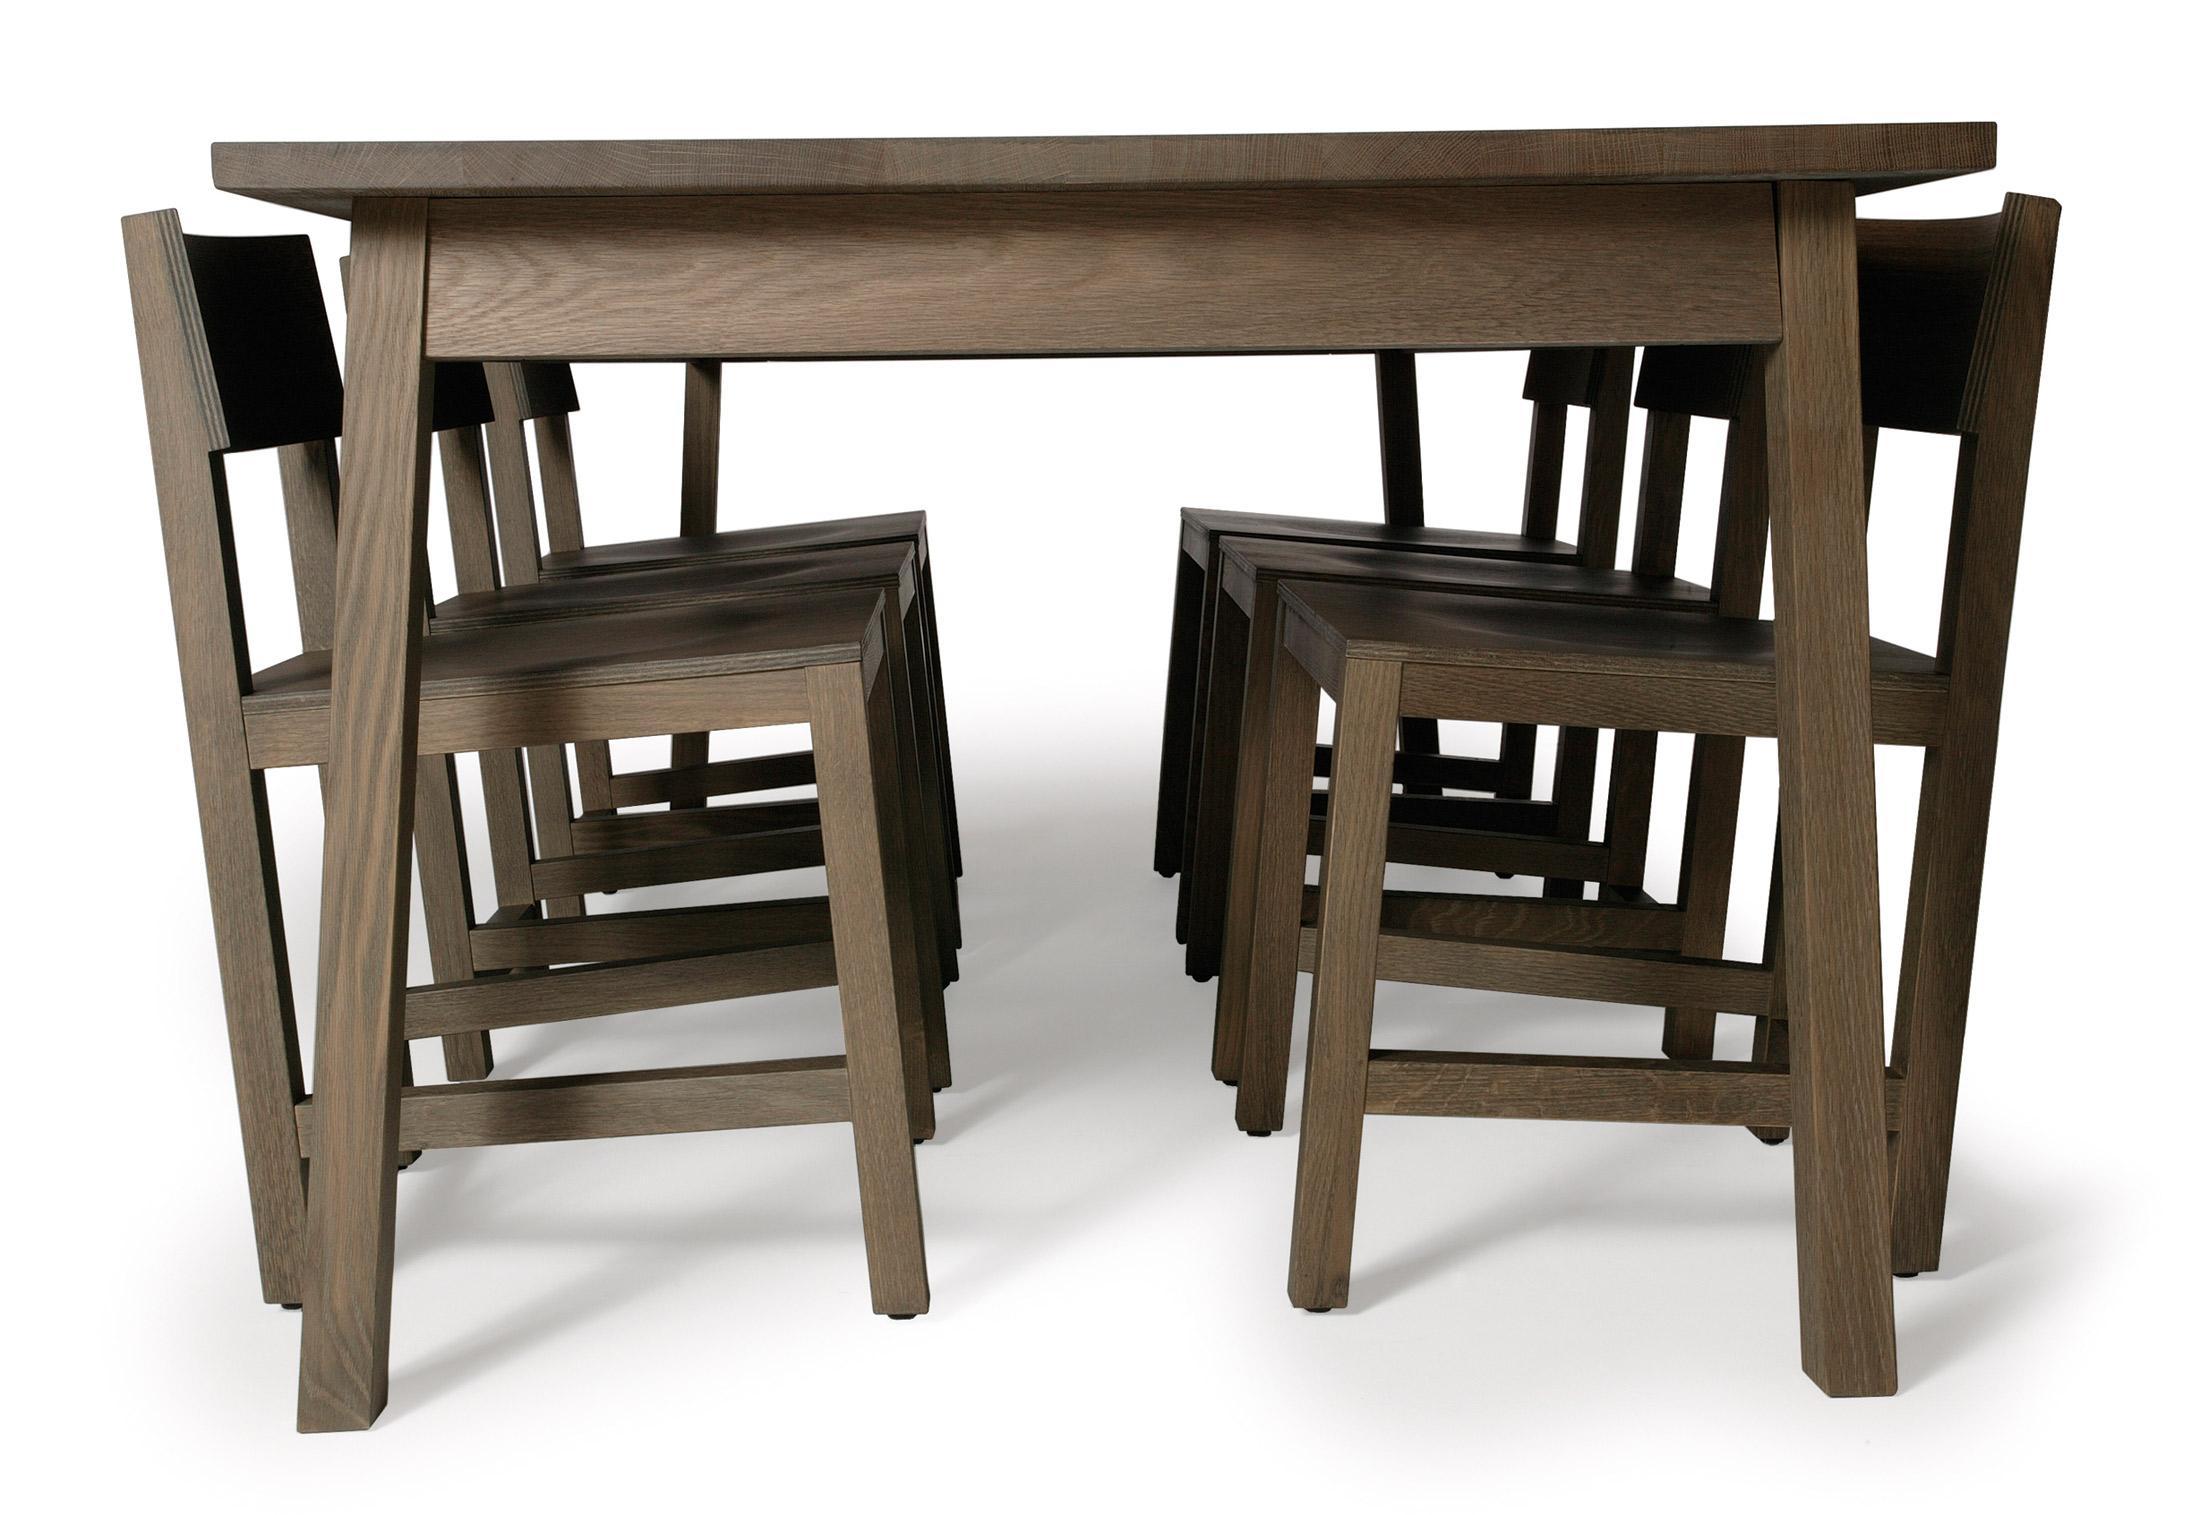 Schön Shaker Stil Küchentisch Und Stühle Galerie - Küche Set Ideen ...